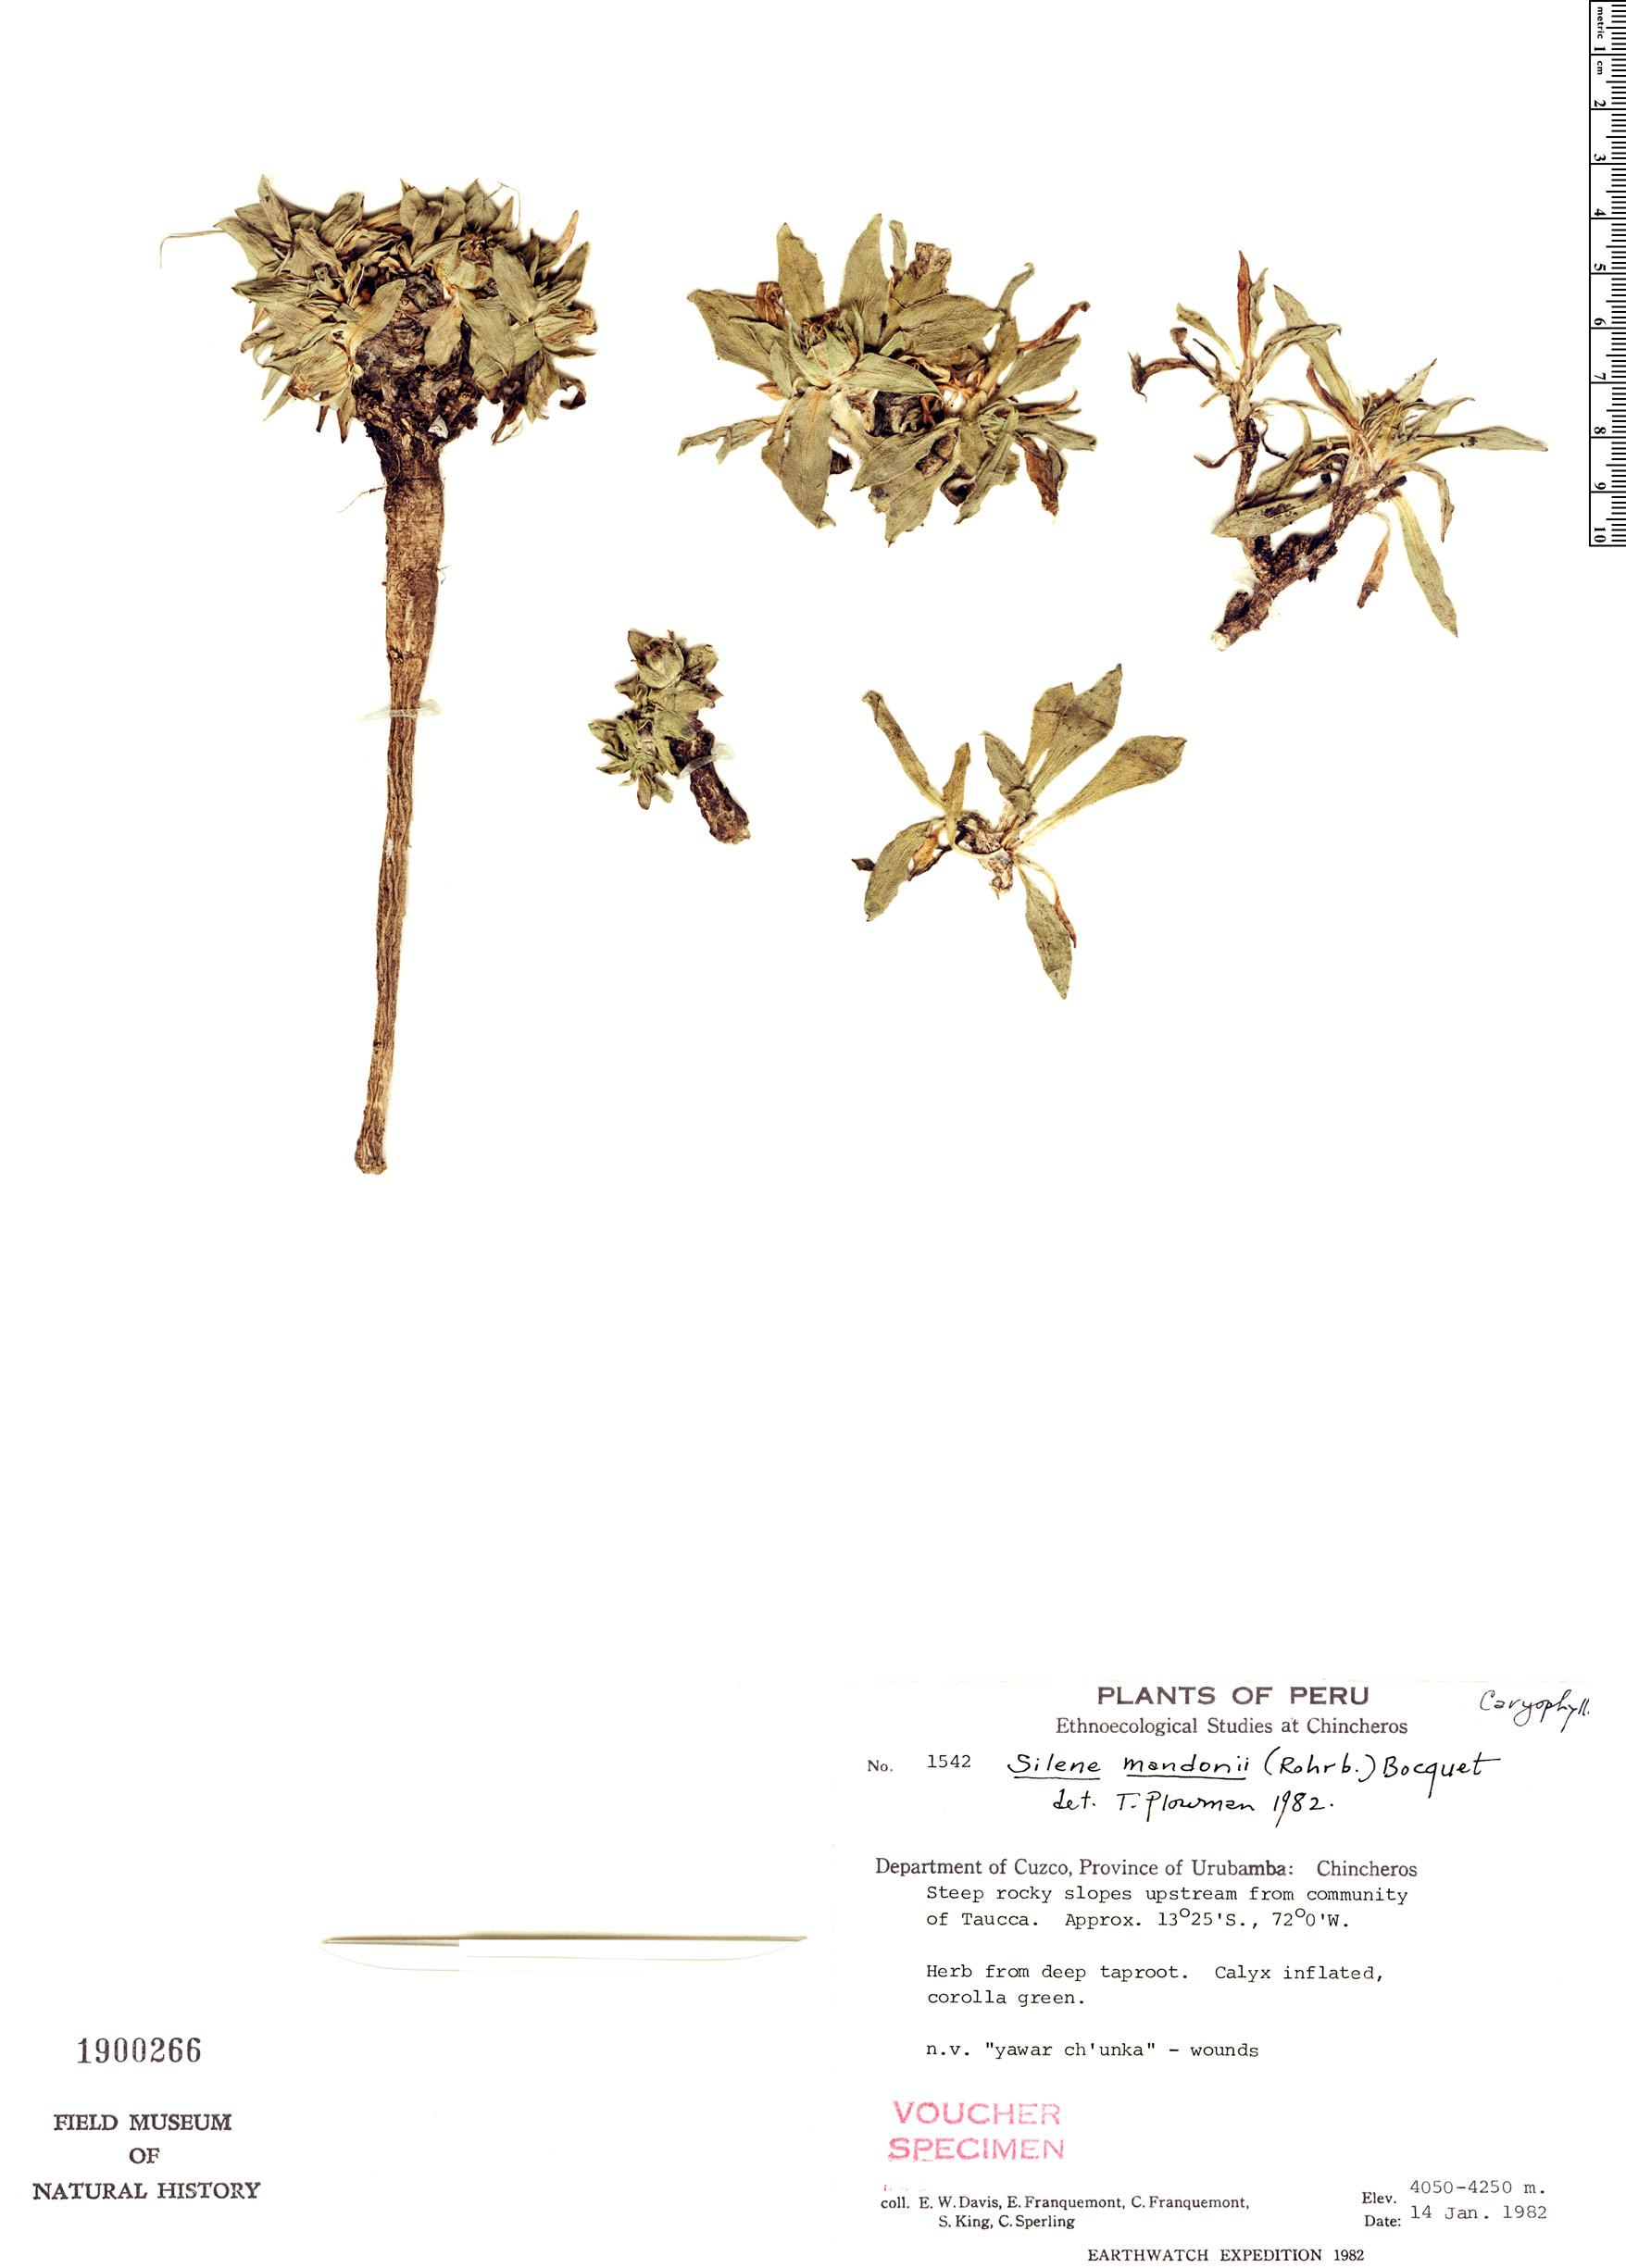 Silene mandonii image